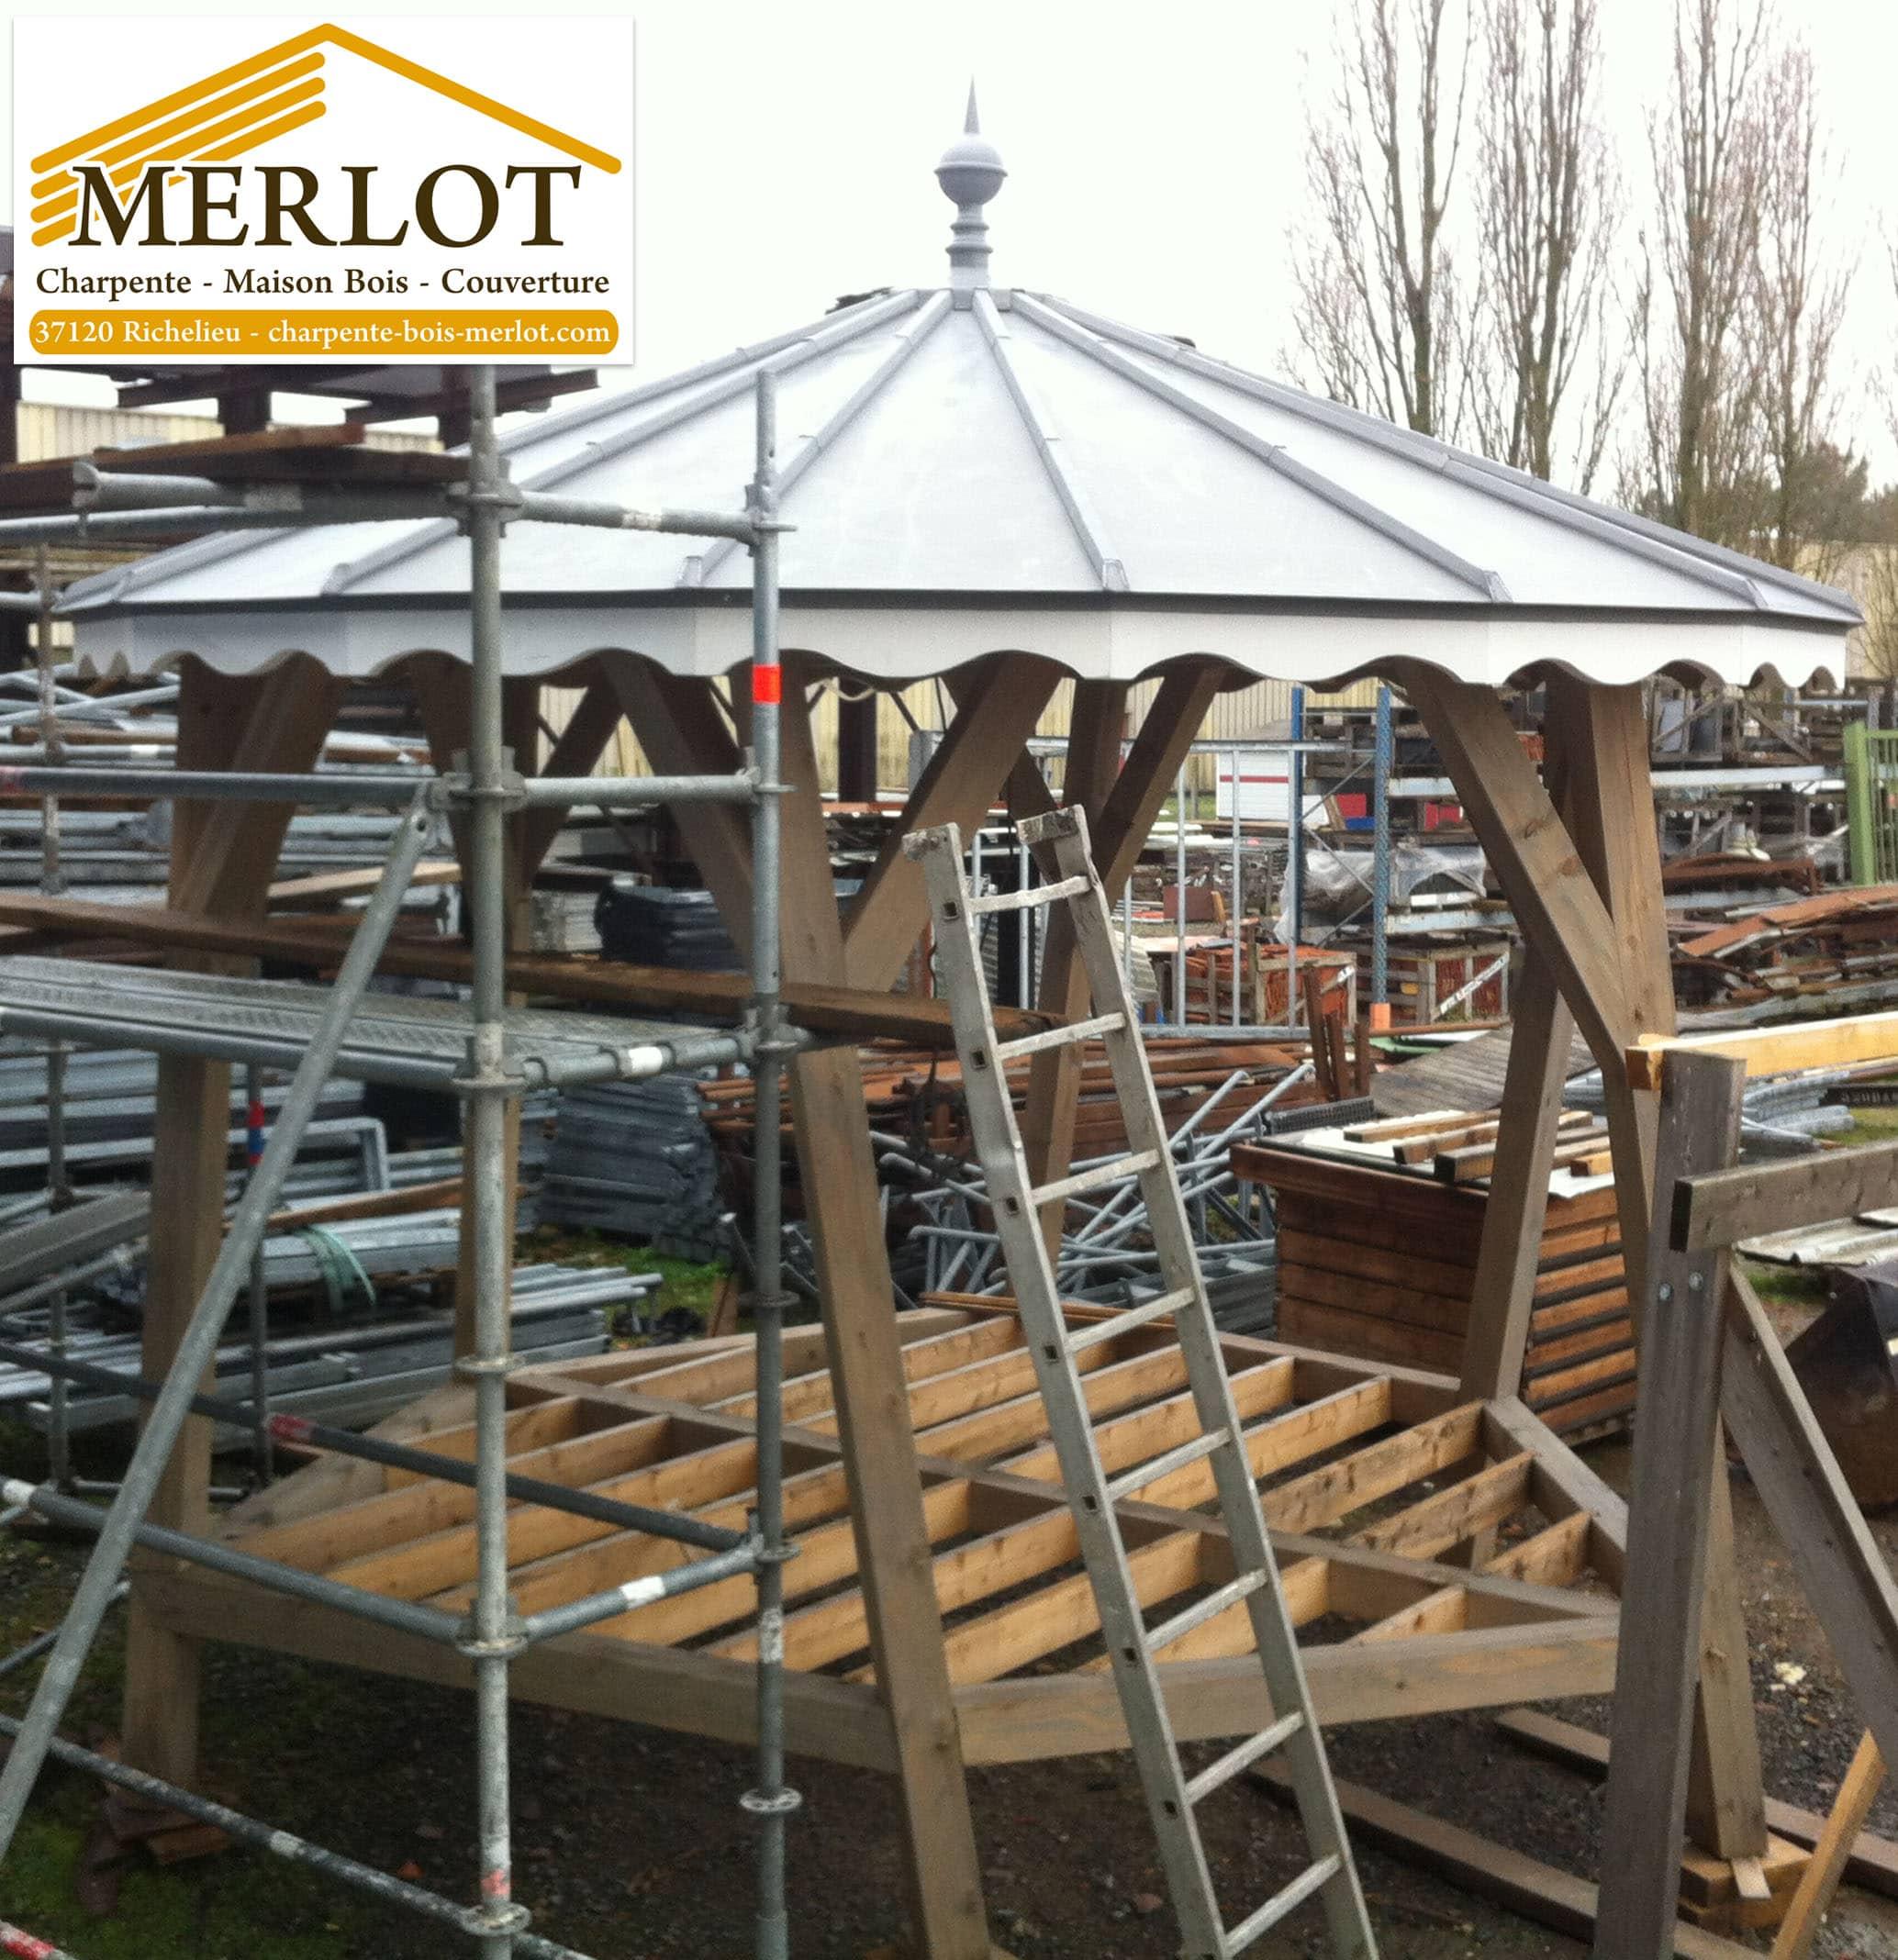 Kiosque à Musique - Kiosque désaxé pour la ville de Richelieu - SARL MERLOT - Charpente - Couverture - Zinguerie - Sarl MERLOT - Charpente Couverture Indre et loire